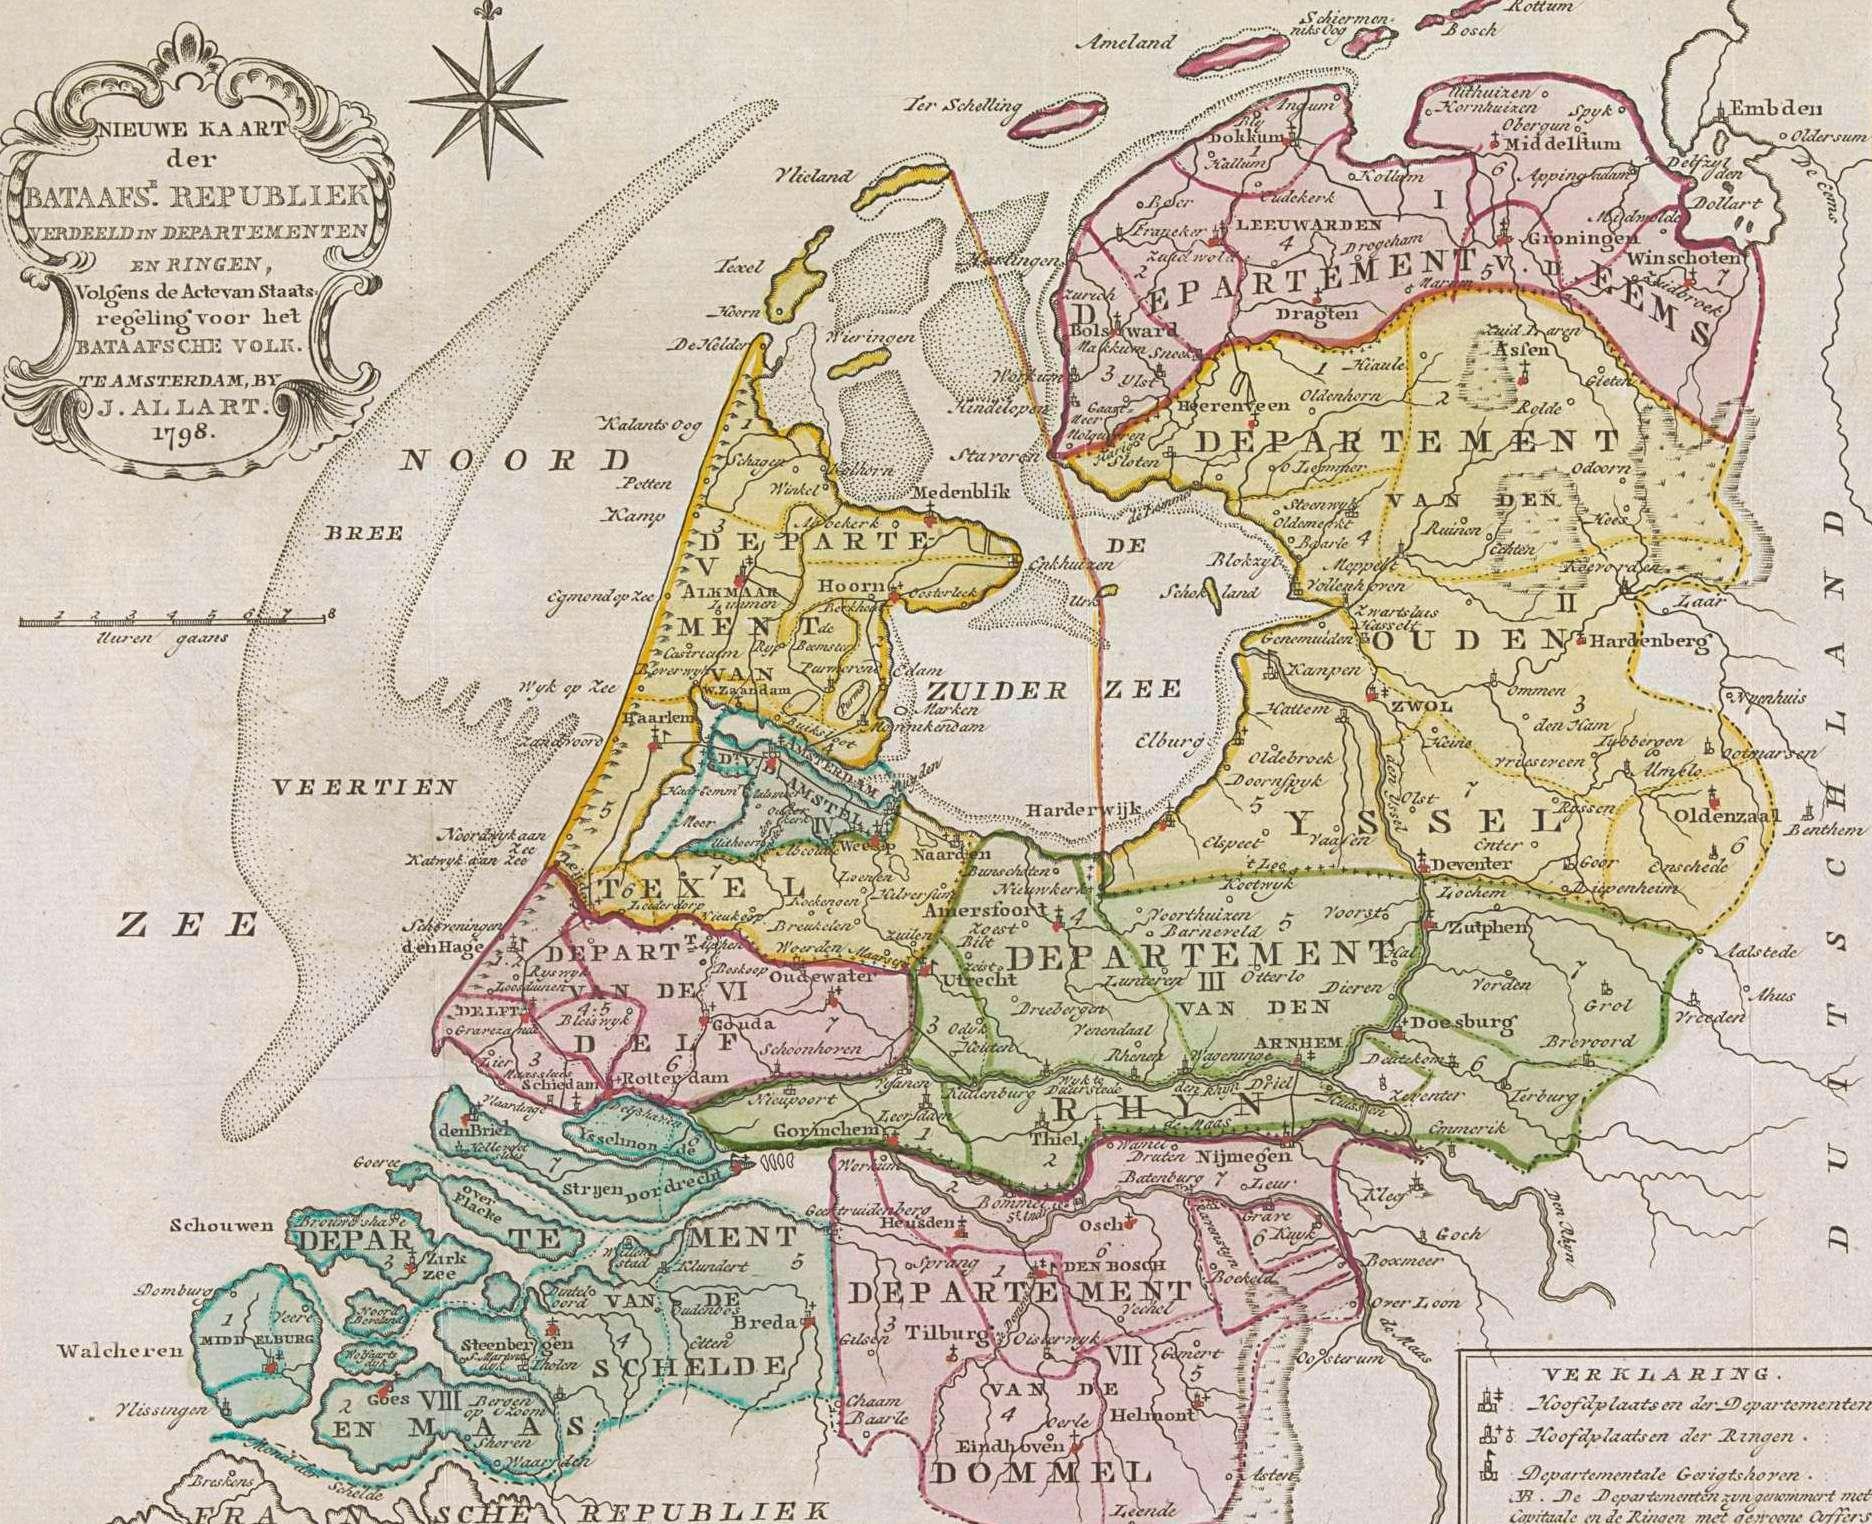 Kaart van de Bataafse Republiek in 1798. Te zien is dat het latere Zeeuws-Vlaanderen al deel uitmaakt van Frankrijk. (Rijksmuseum)